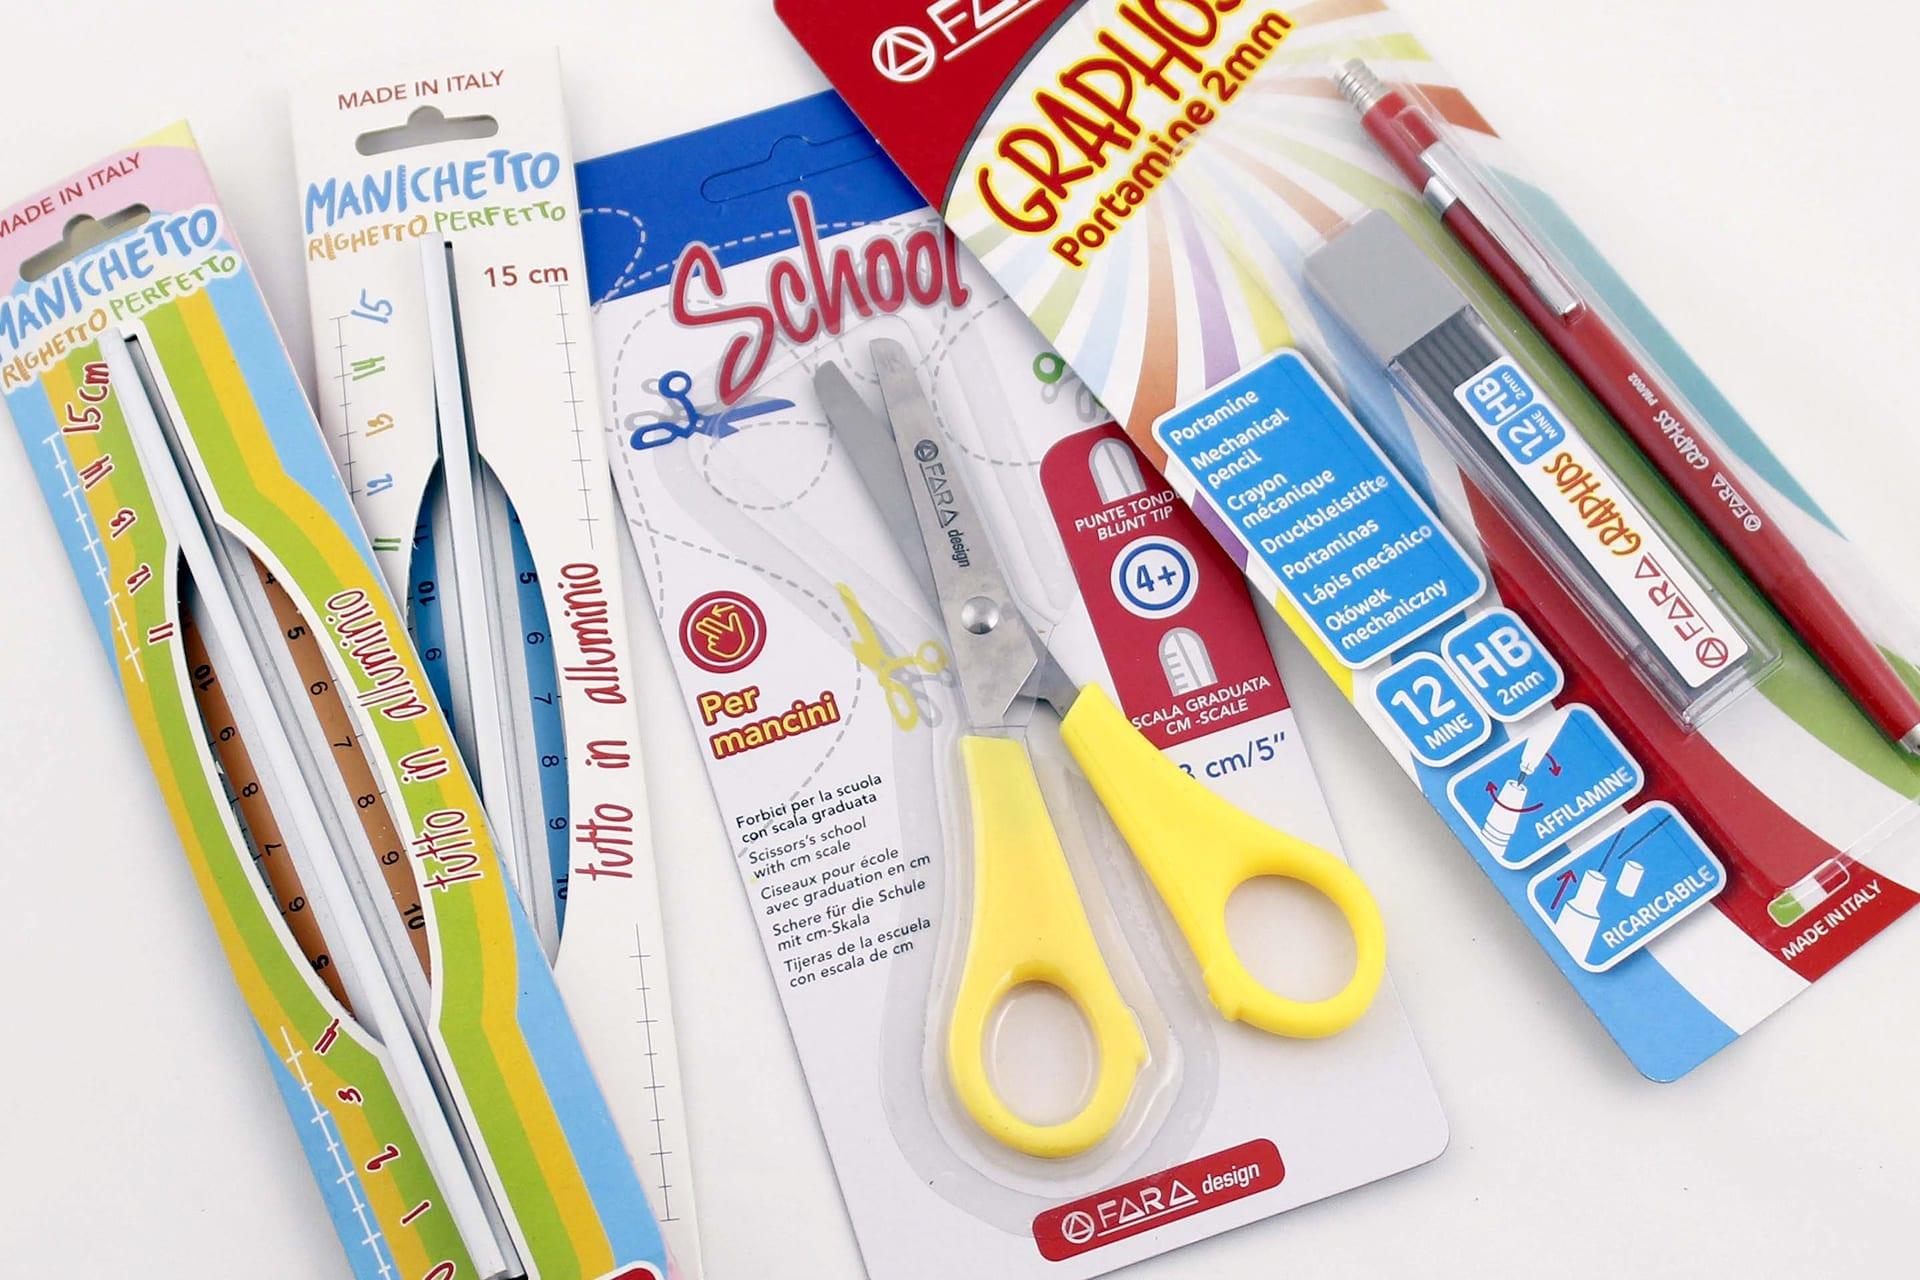 Oggetti vari per scuola: forbice, portamine e 2 righelli